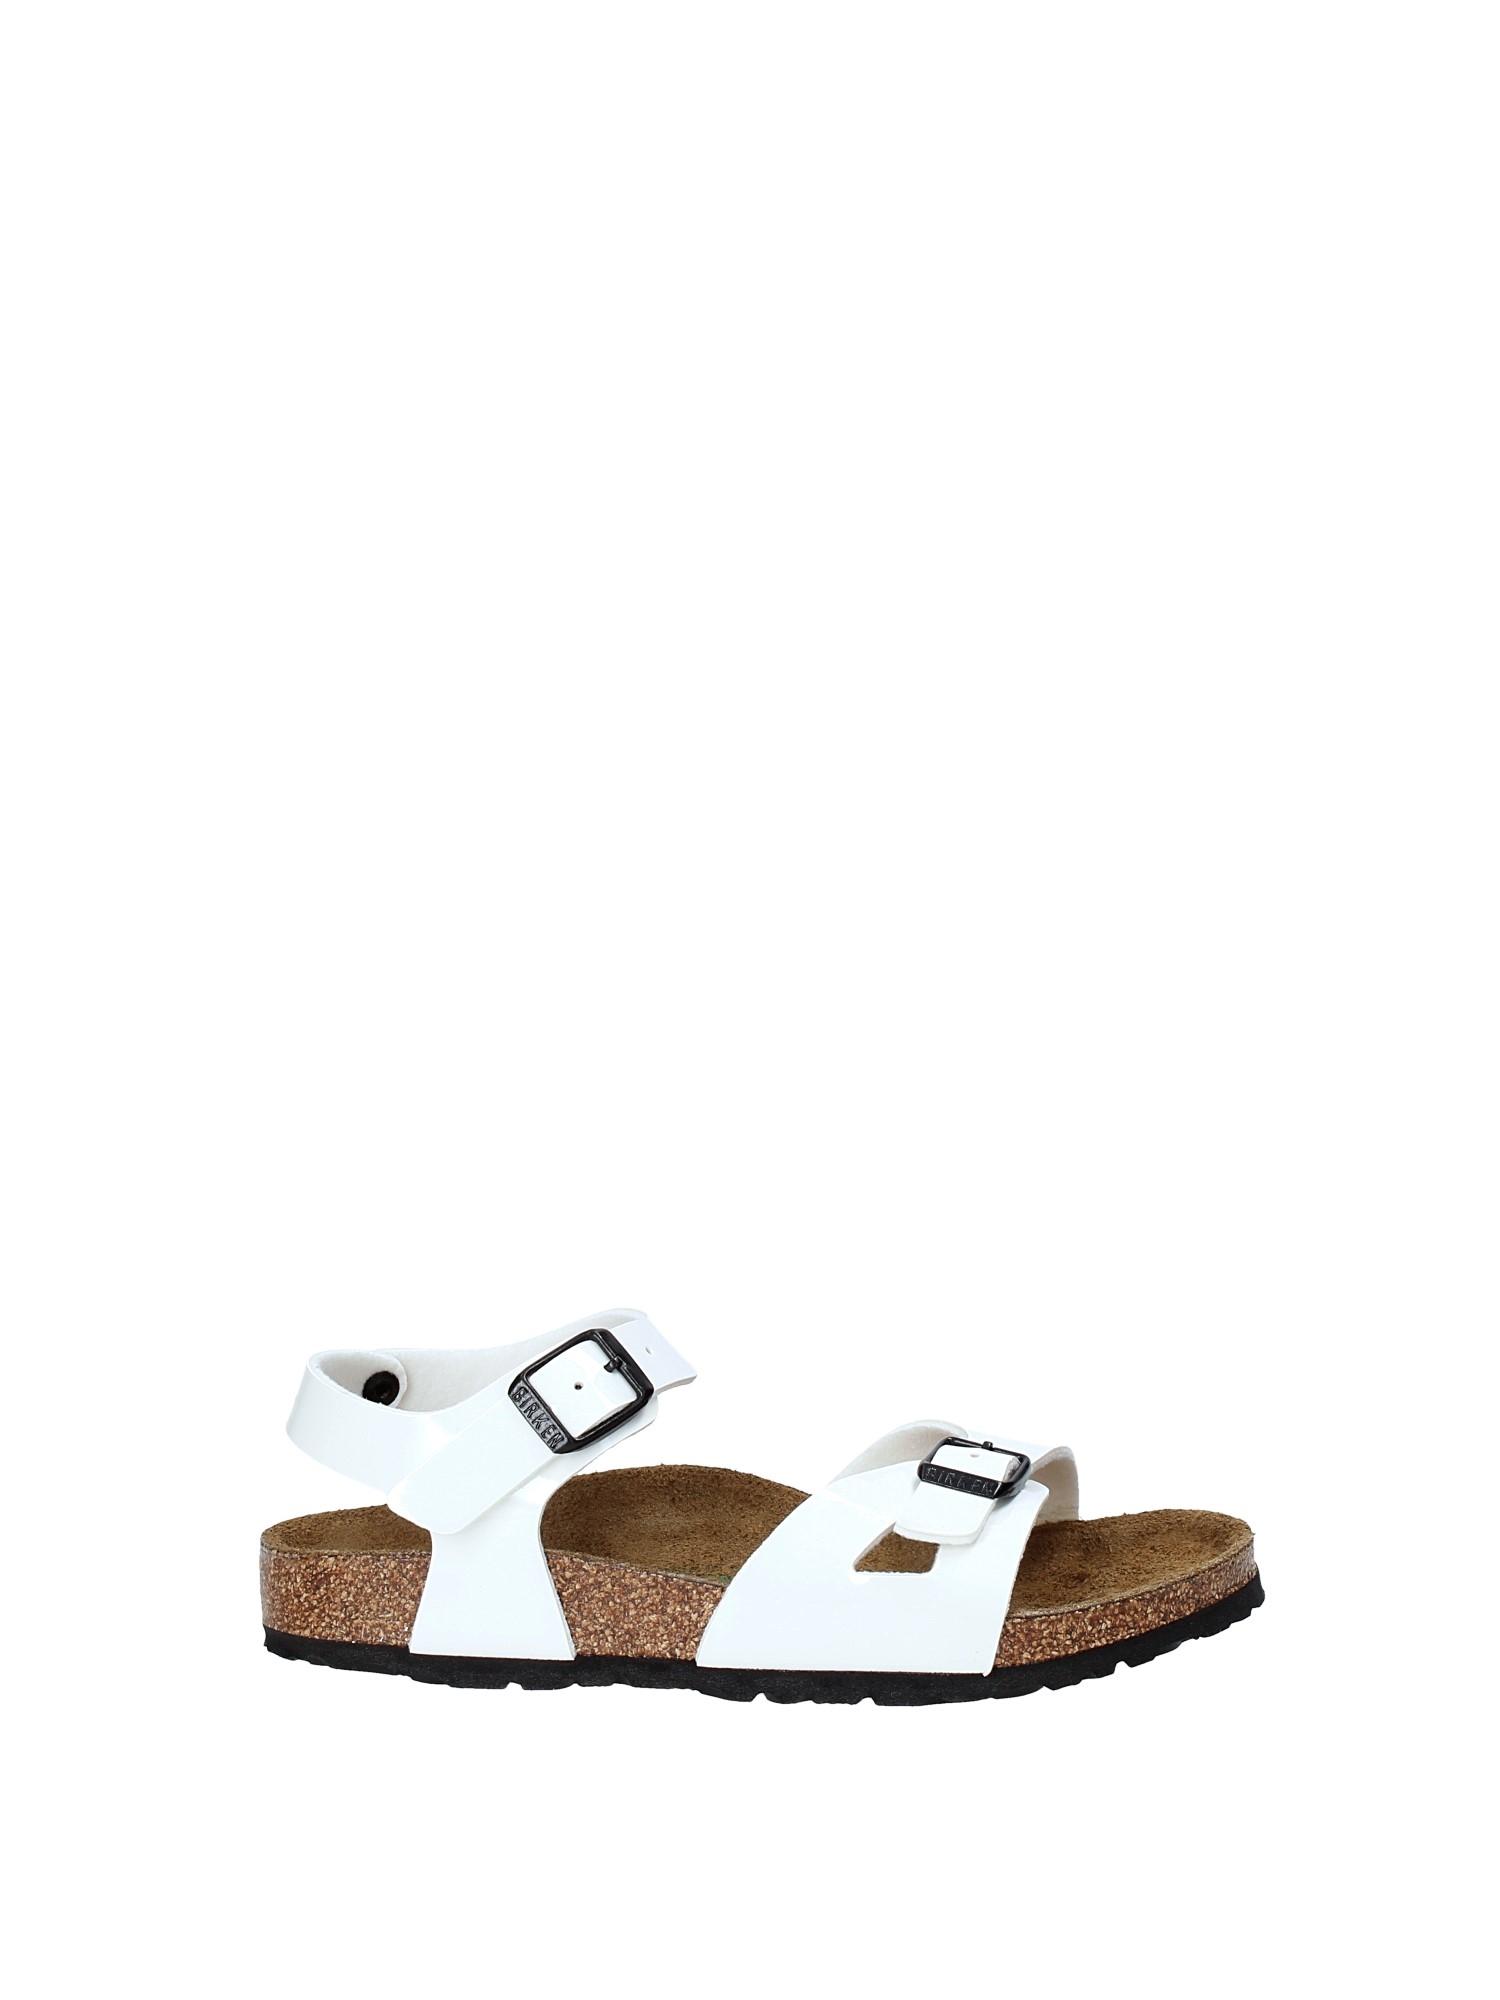 Rio - Bianco Laccato - Sandali Ortopedici